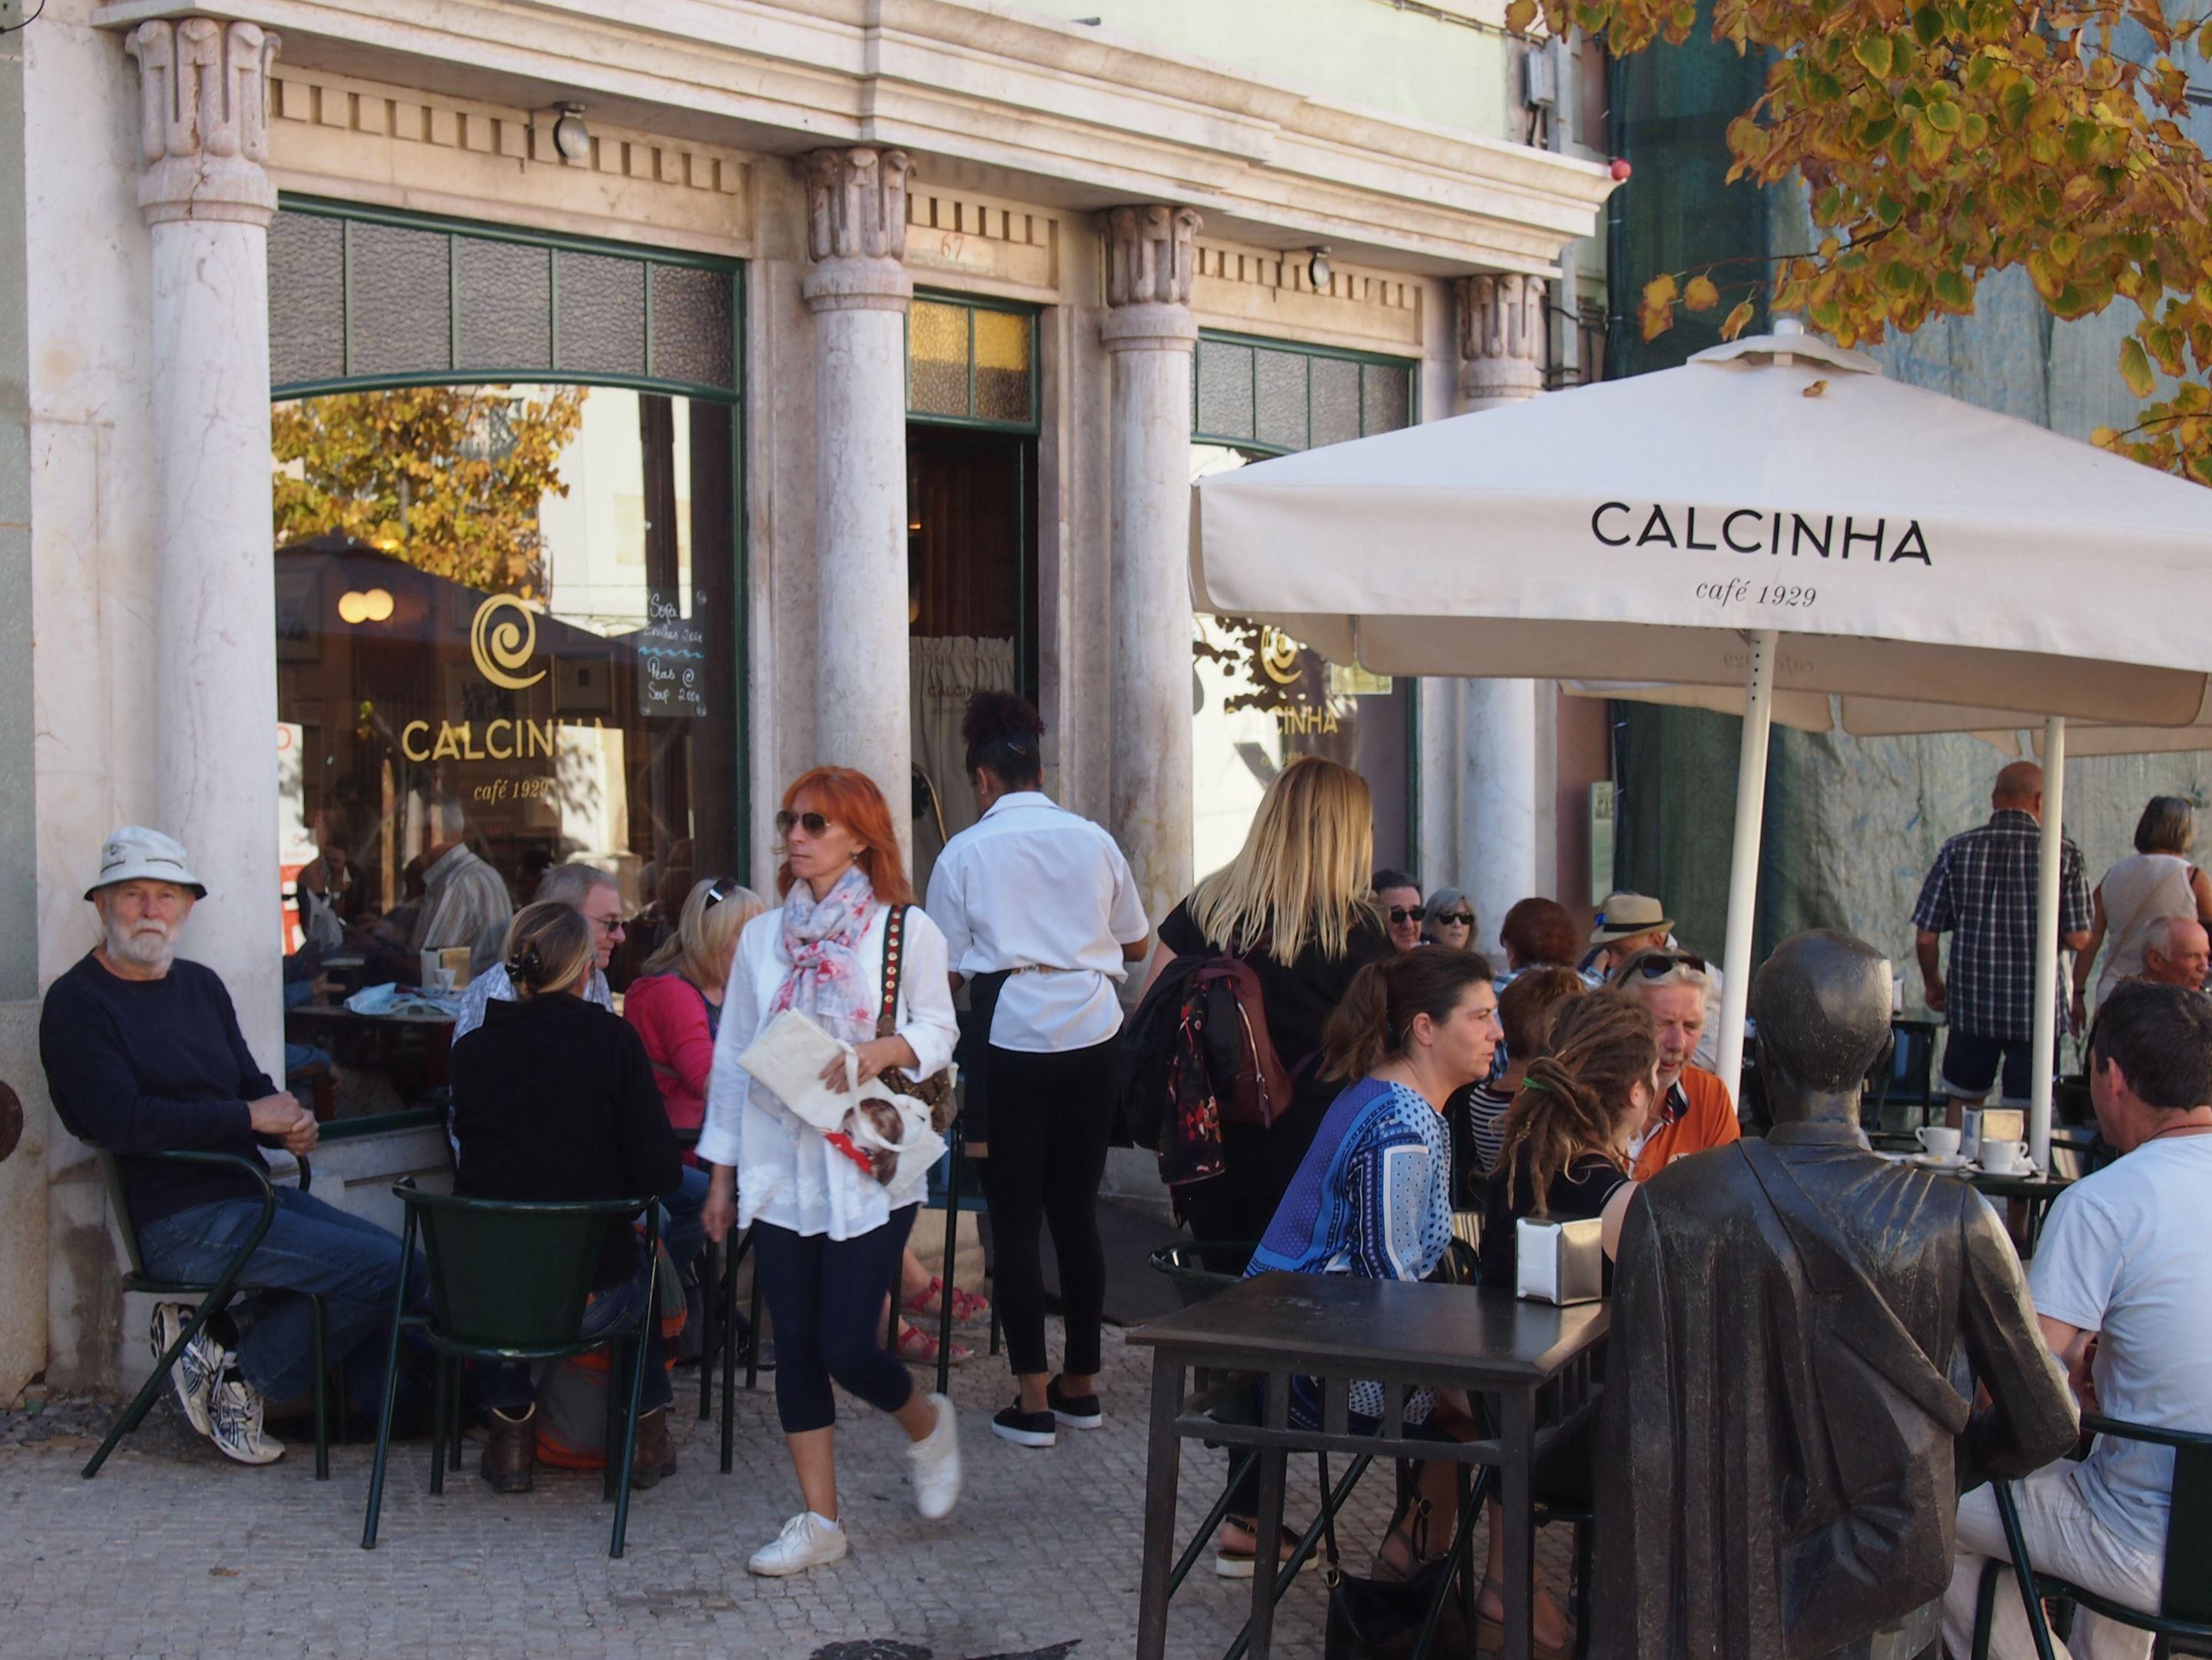 Café Calcinha, Loulé, Algarve